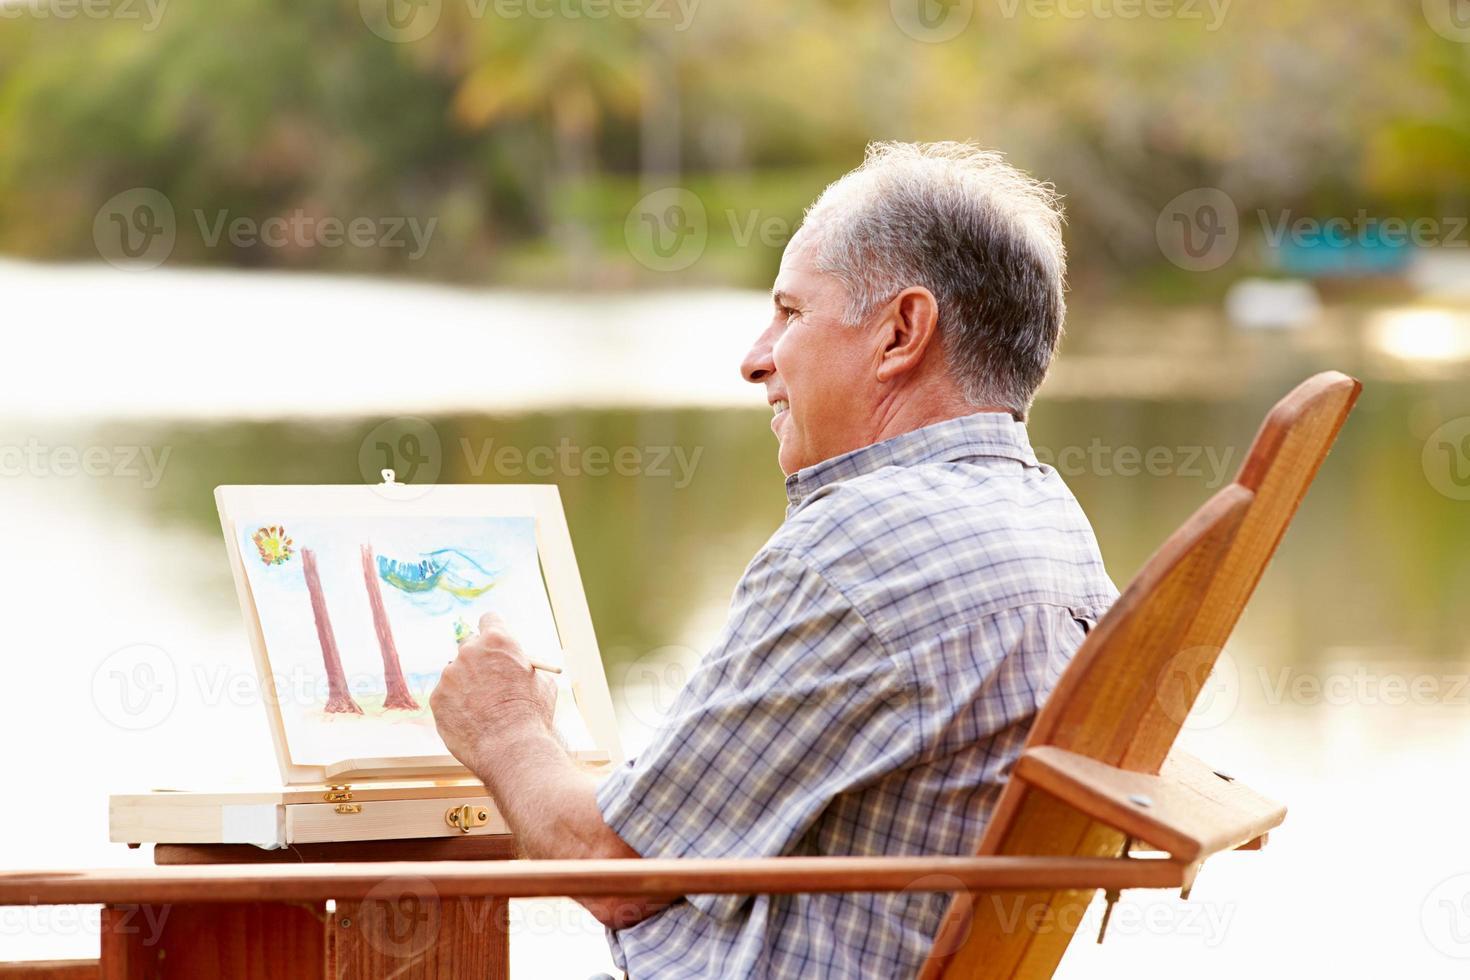 personne agee, séance, extérieur, table, peinture, paysage photo